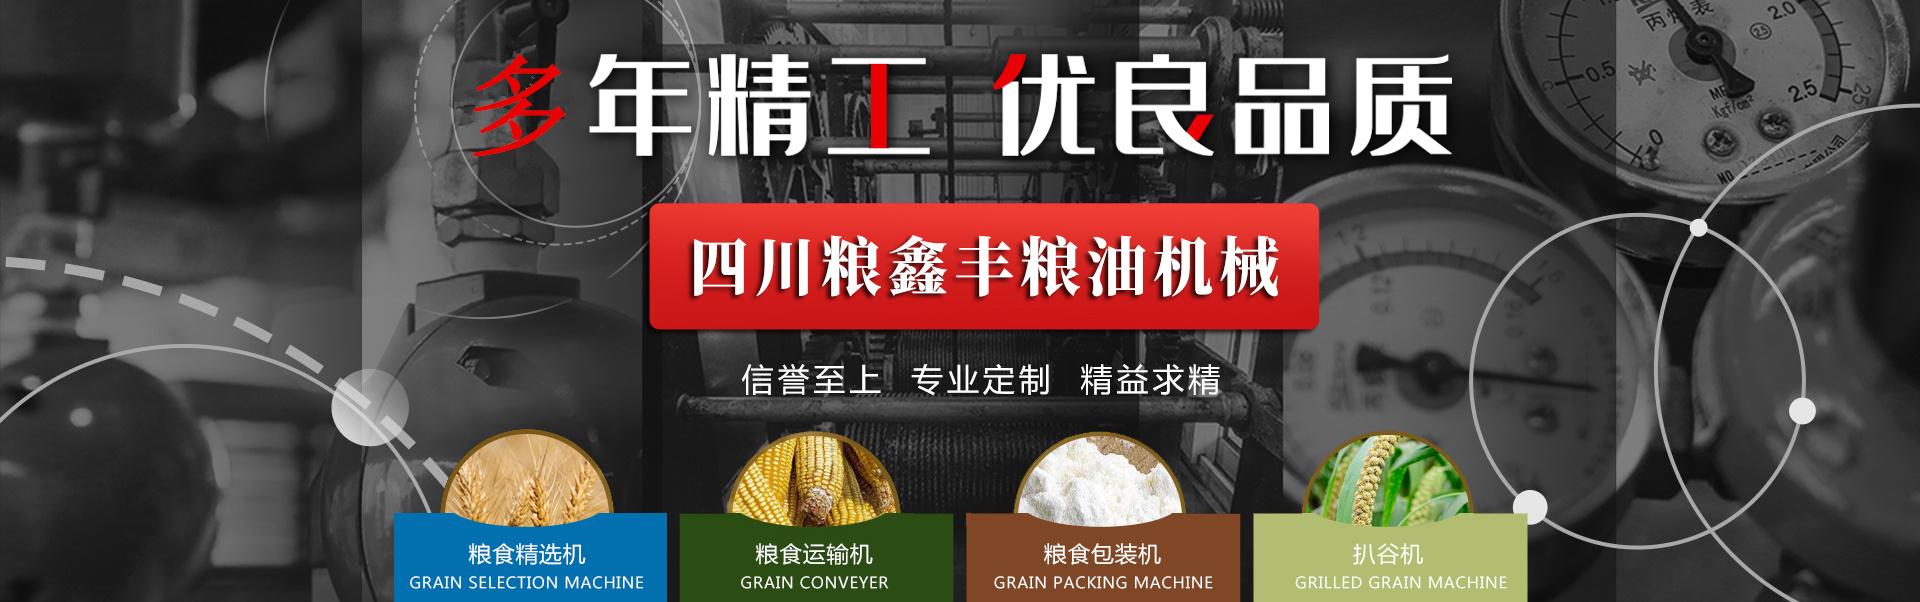 四川粮食机械